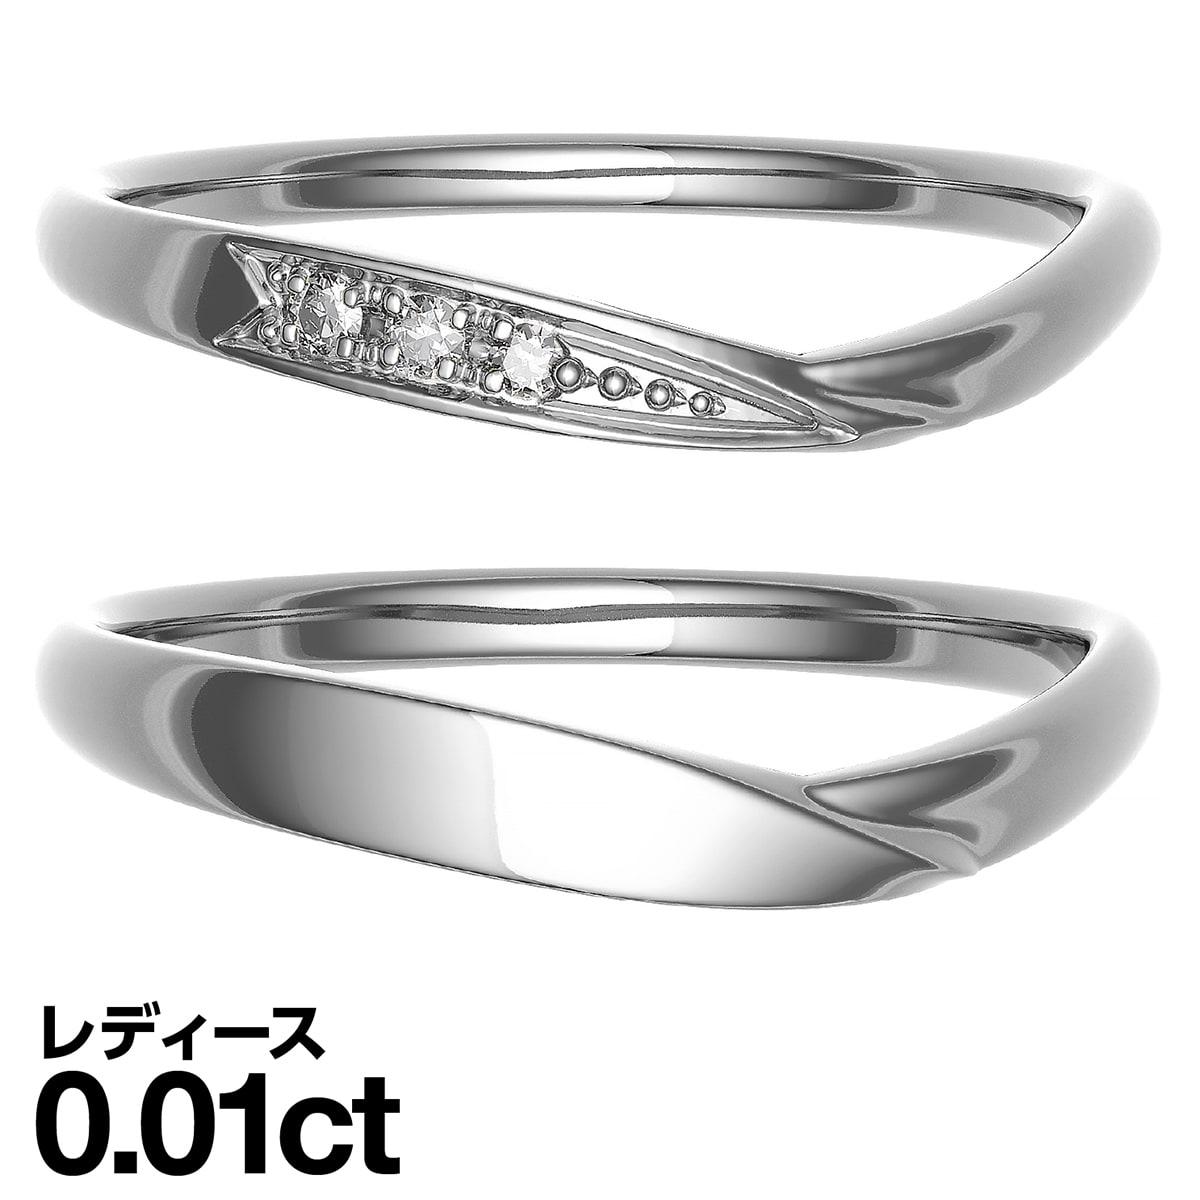 ペアリング セット シルバー925 ダイヤモンド 品質保証書 金属アレルギー 日本製 バレンタイン